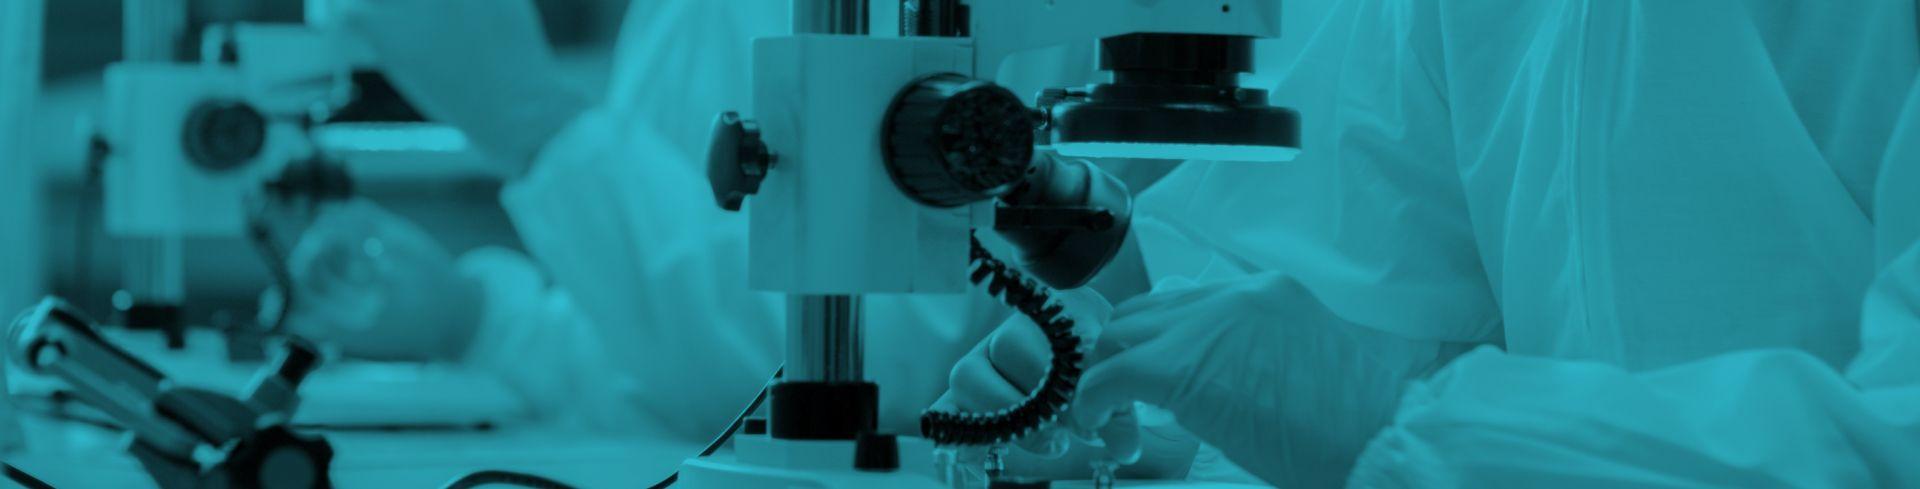 Nanobiotecnología en ciencias médicas: principios y aplicaciones